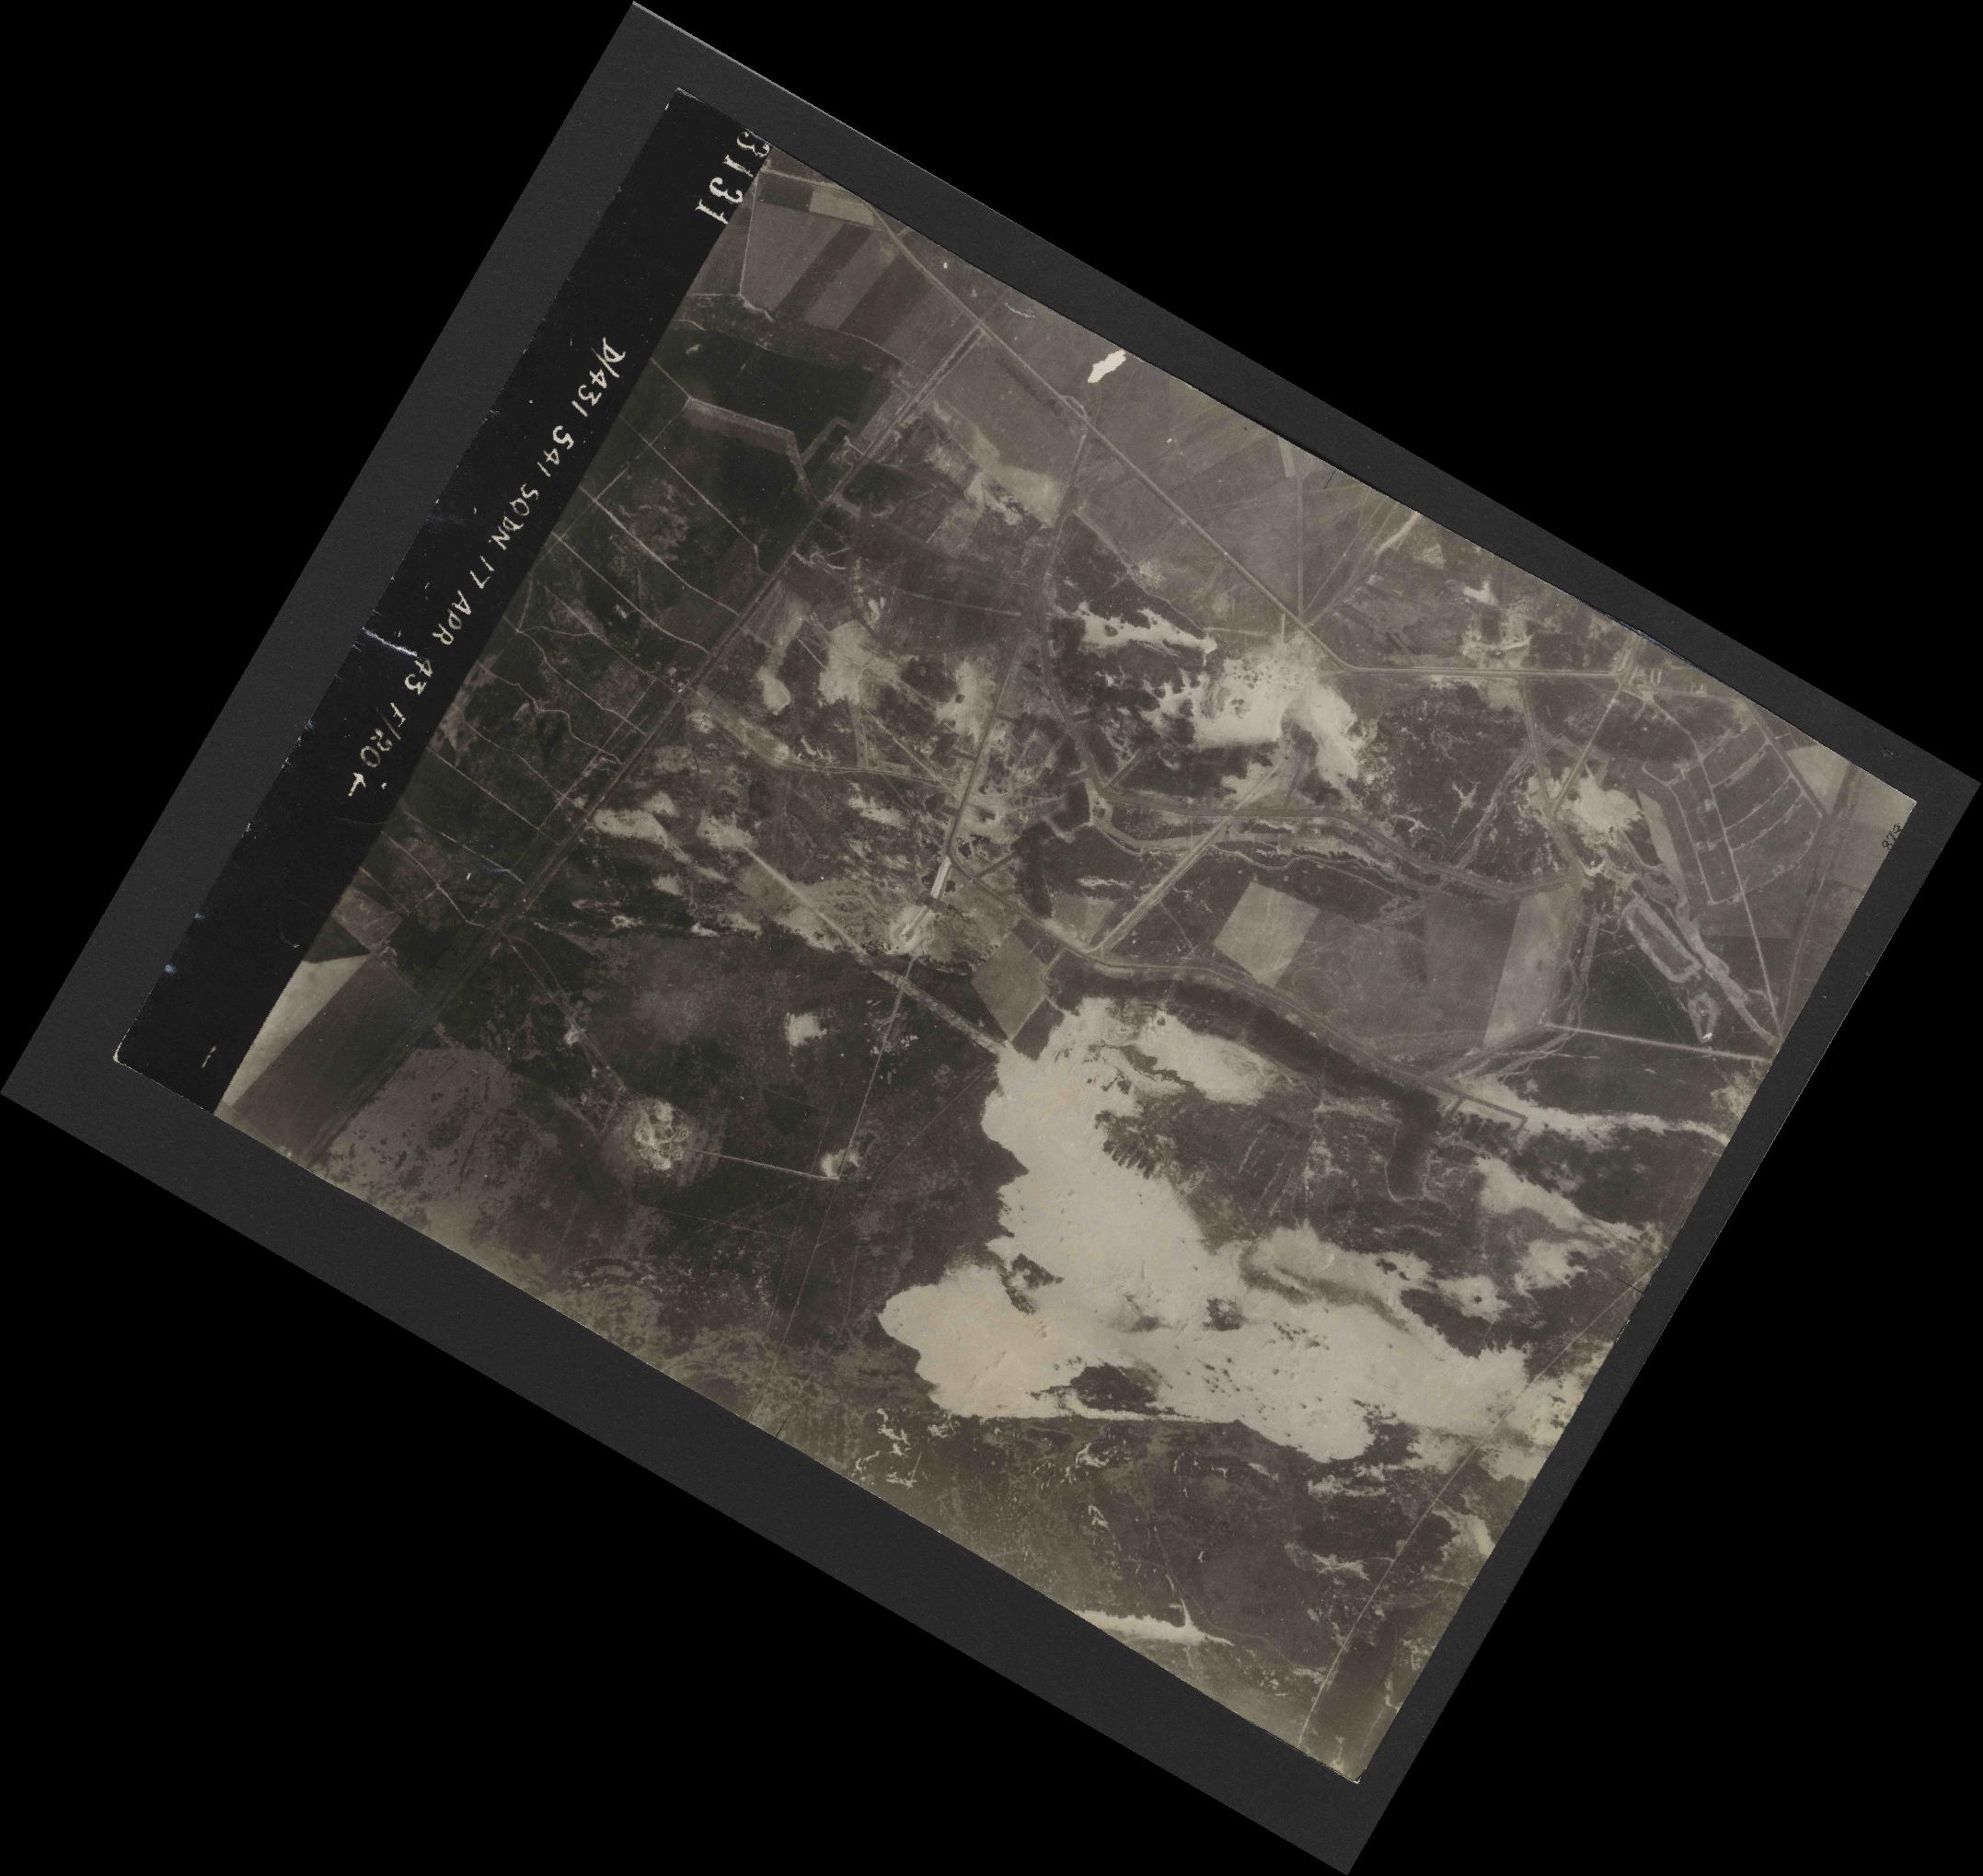 Collection RAF aerial photos 1940-1945 - flight 329, run 07, photo 3131